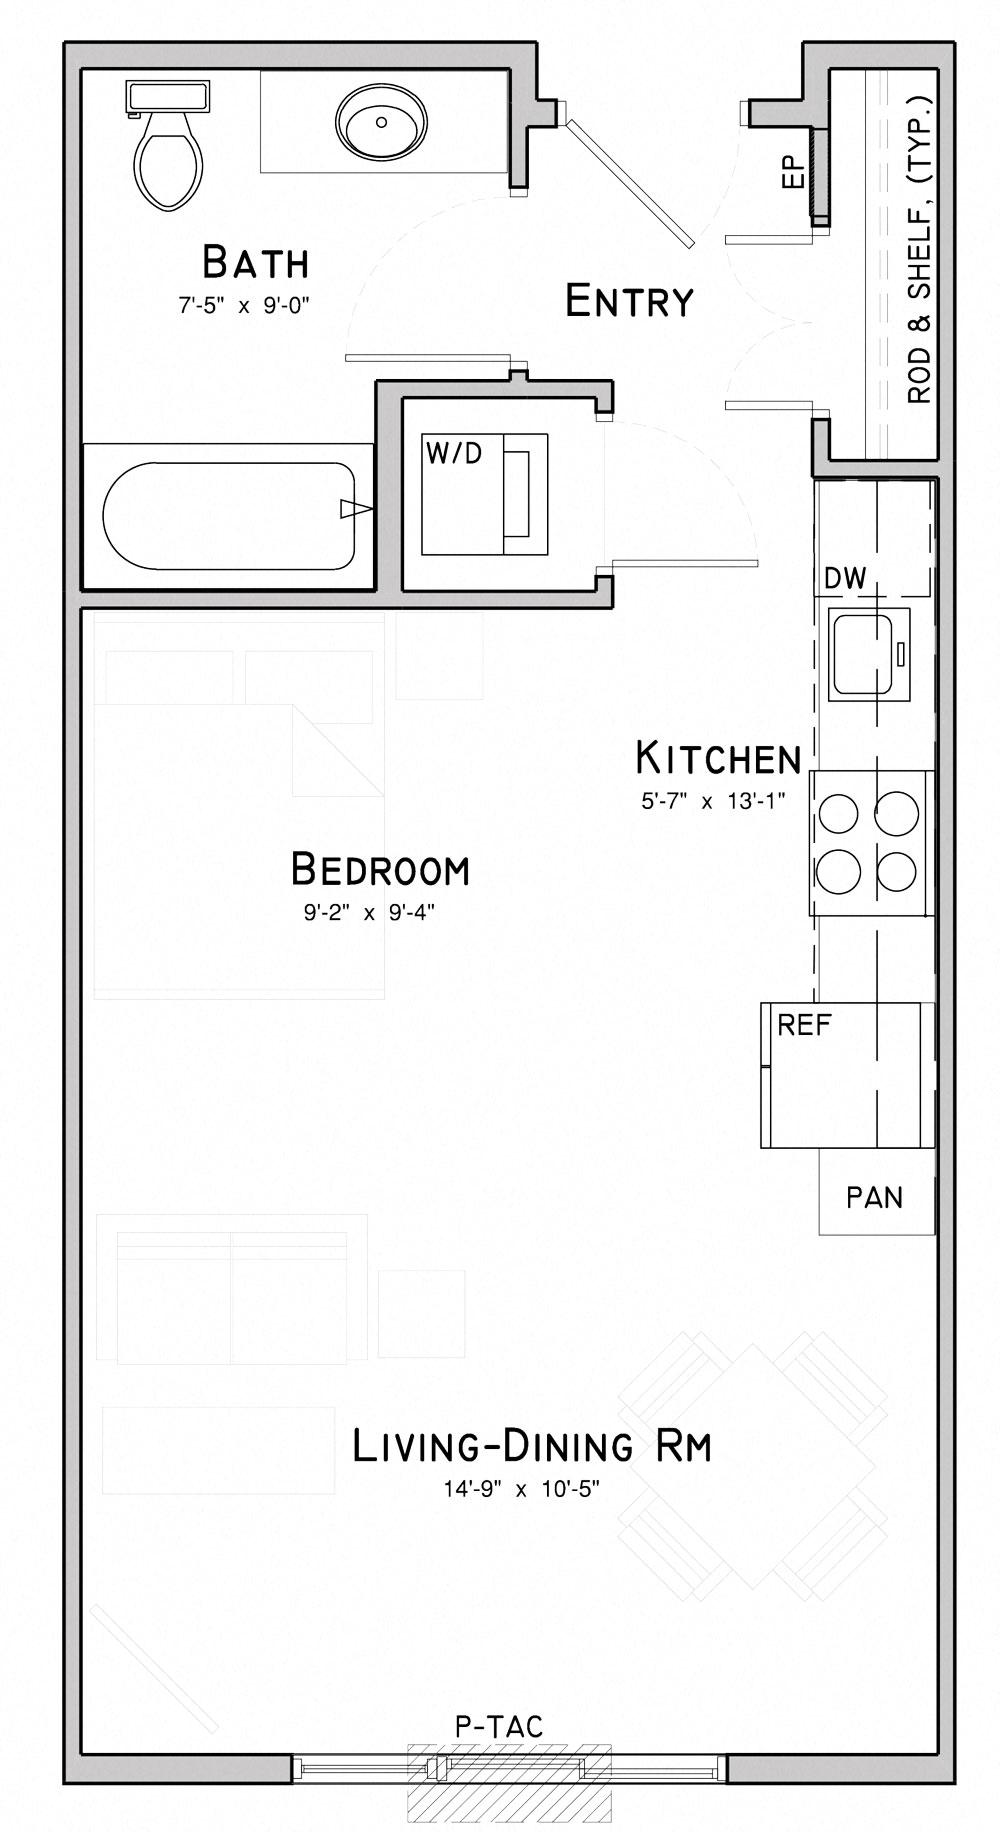 Floor Plans Wh Flats Studio 1 2 3 Bedroom